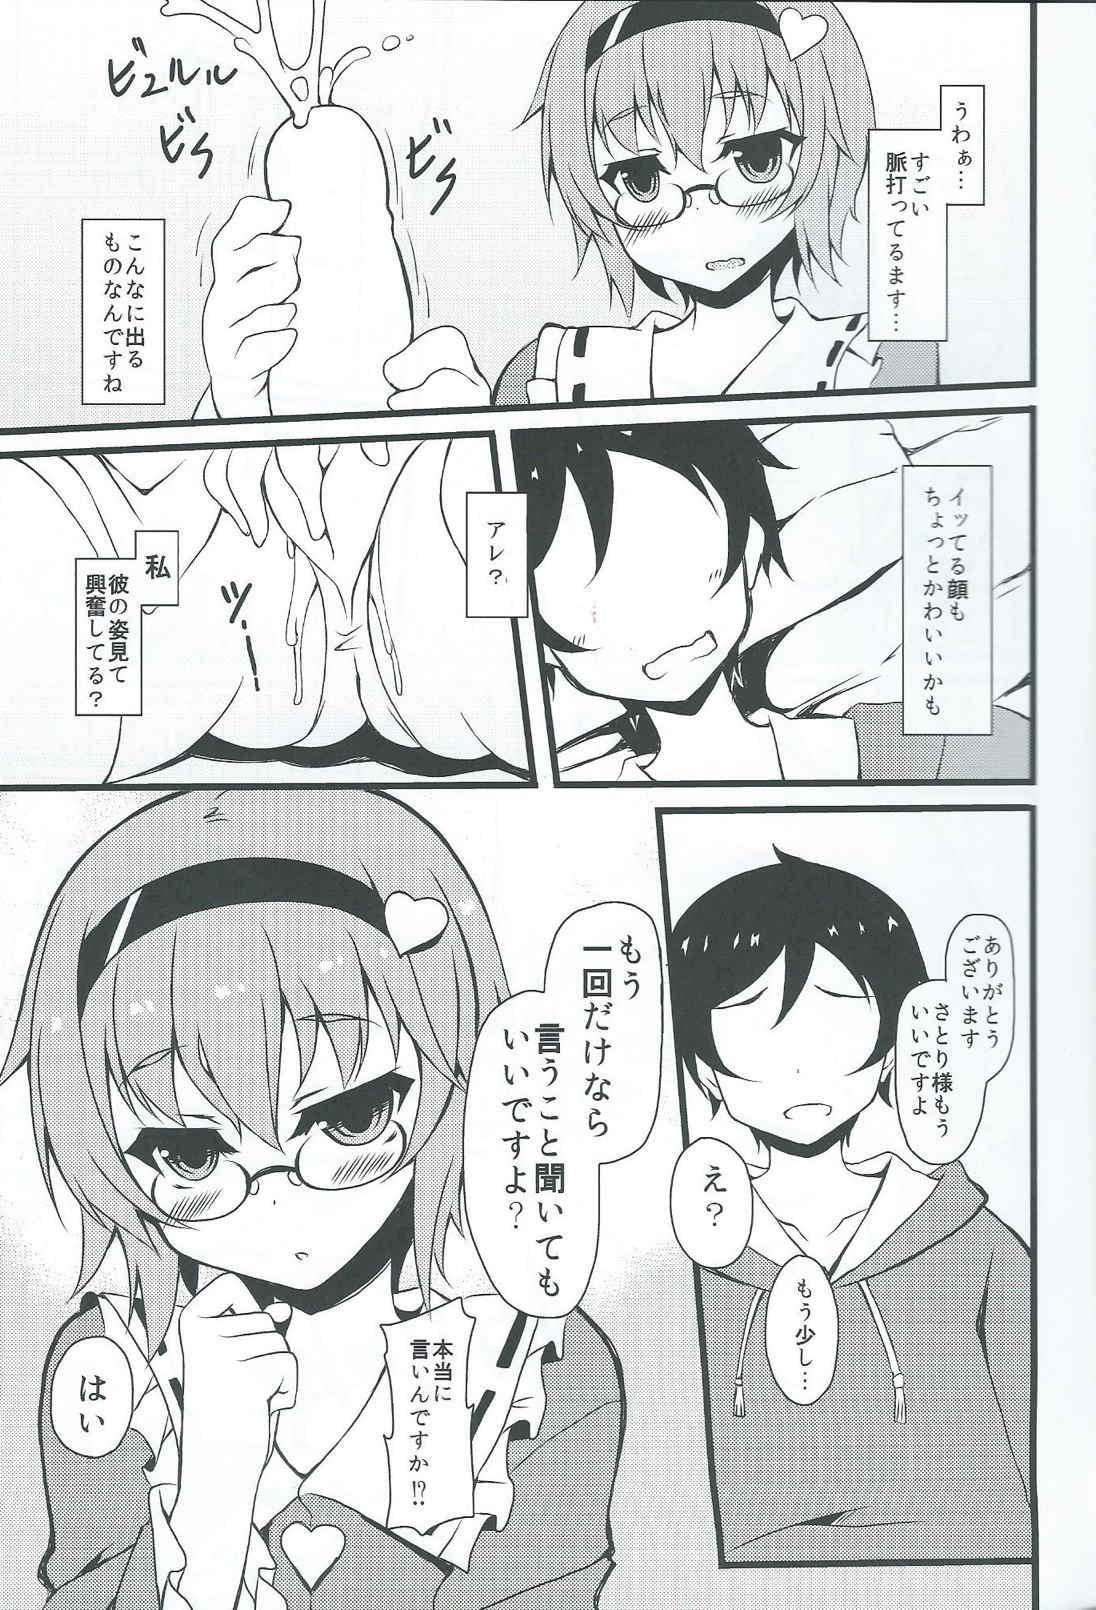 Onegai shimasu Satori-sama 7